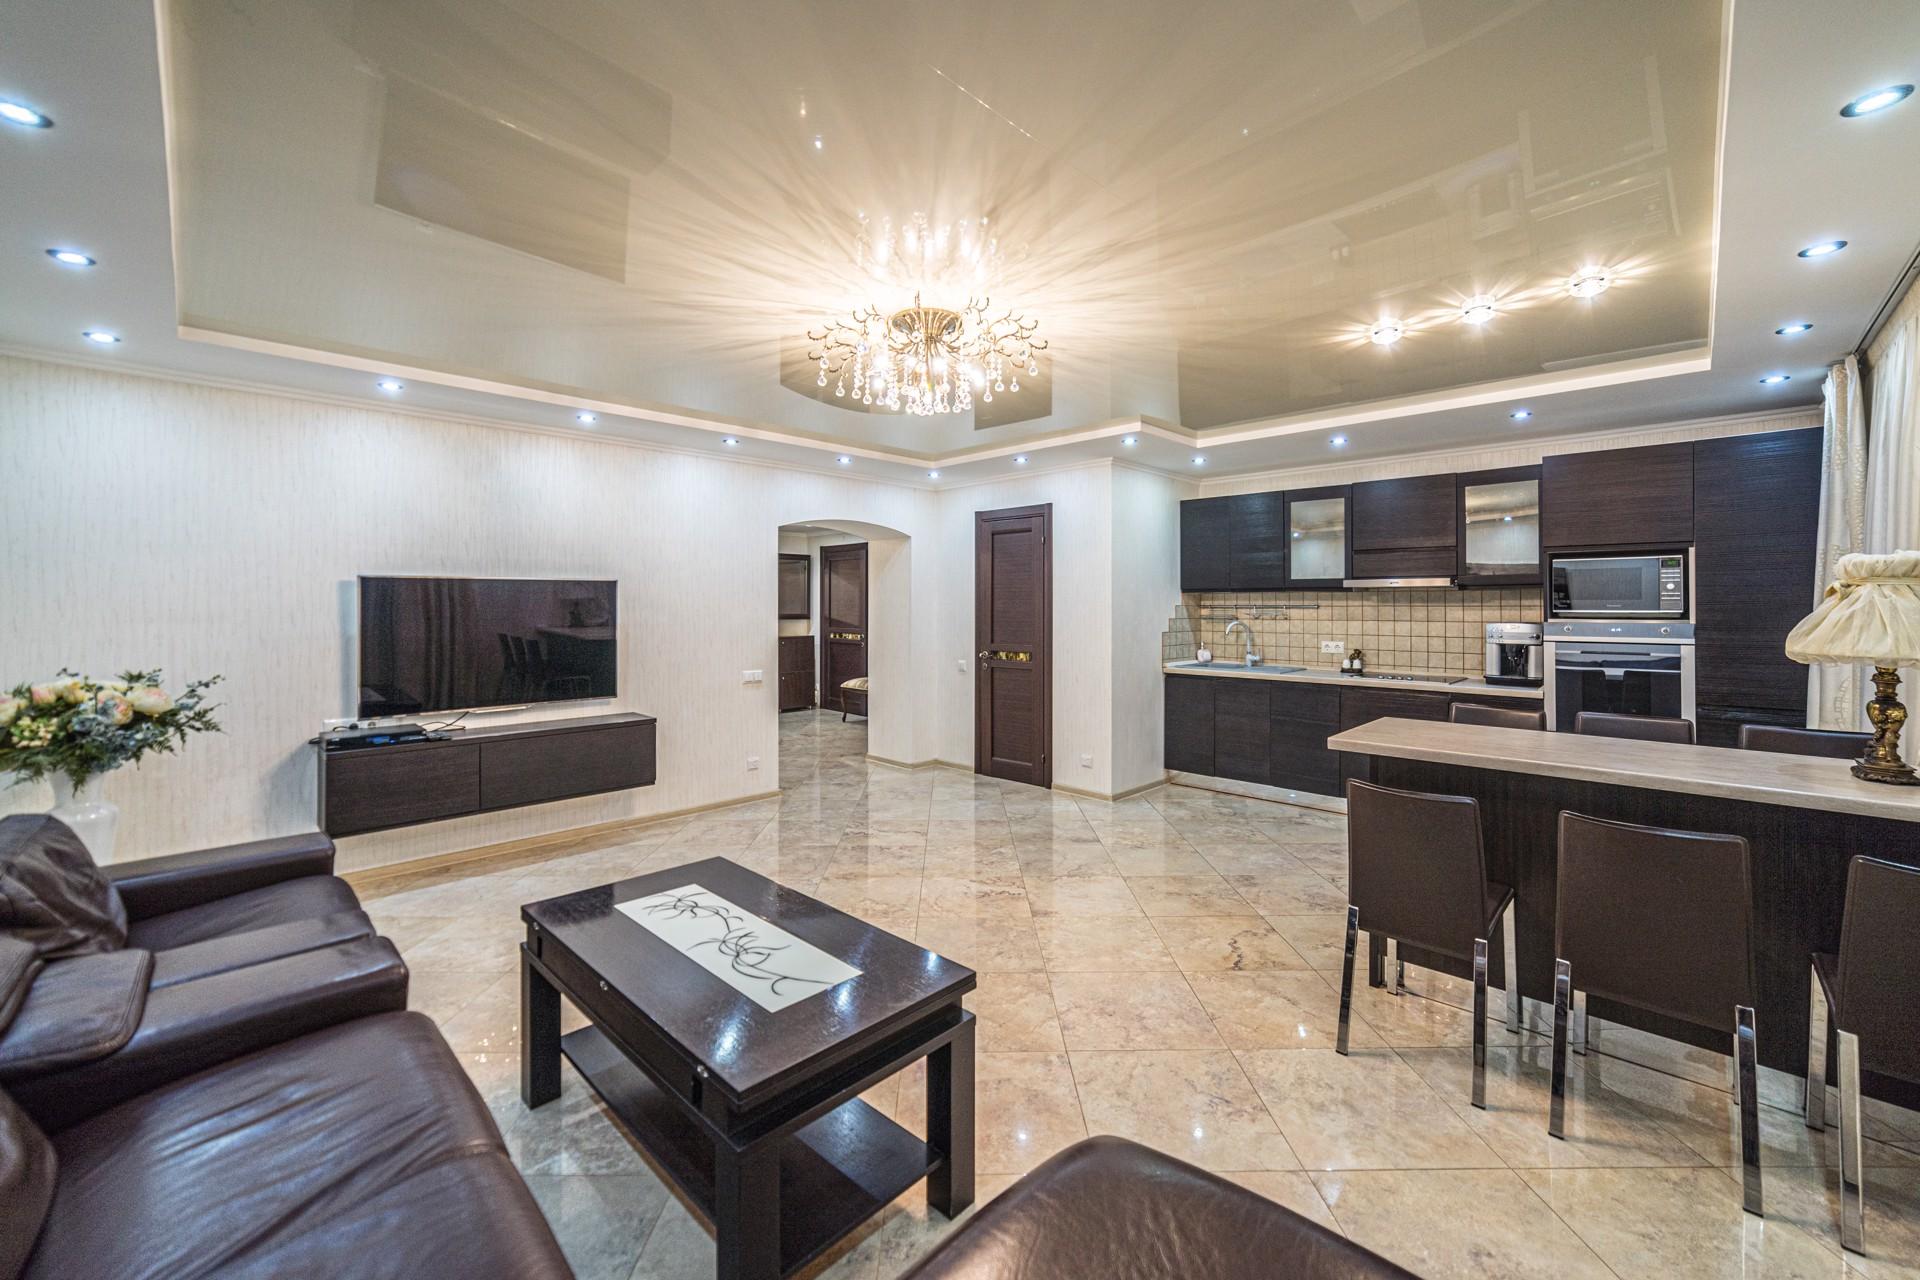 Продажа 3-к квартиры, Липецк, улица Водопьянова, 39, 98.7 м², 8400000 ₽